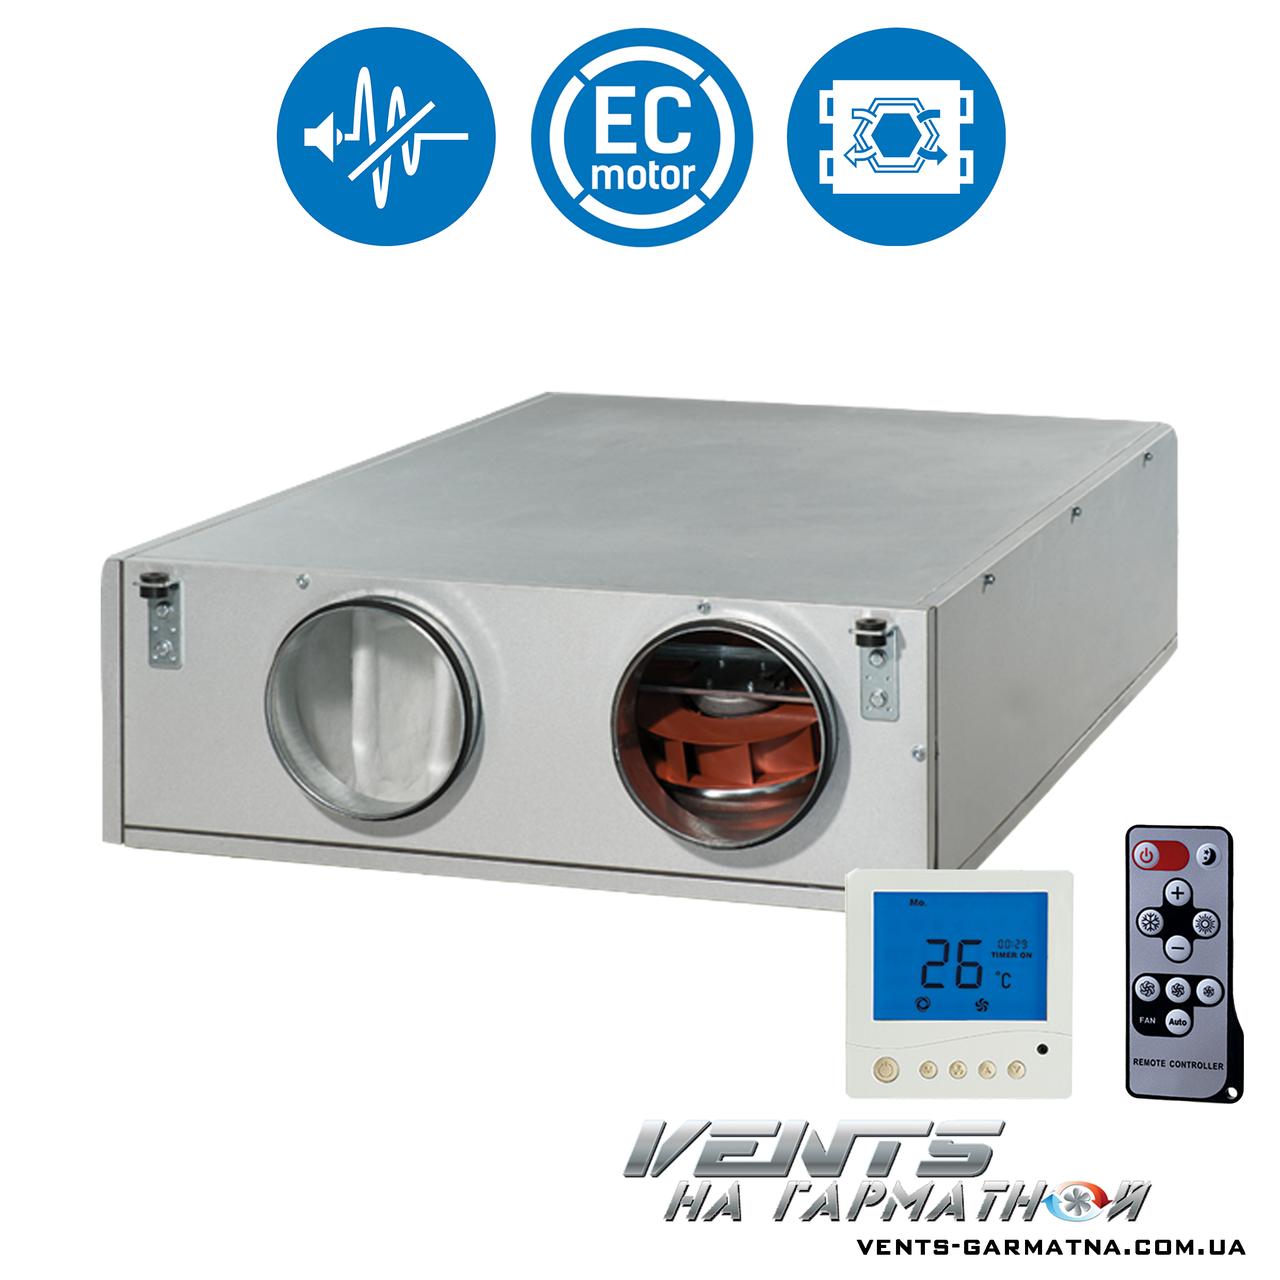 Вентс ВУТ 600 ПЭ ЕС А7 (П/Л). Приточно-вытяжна установка с рекуператором.